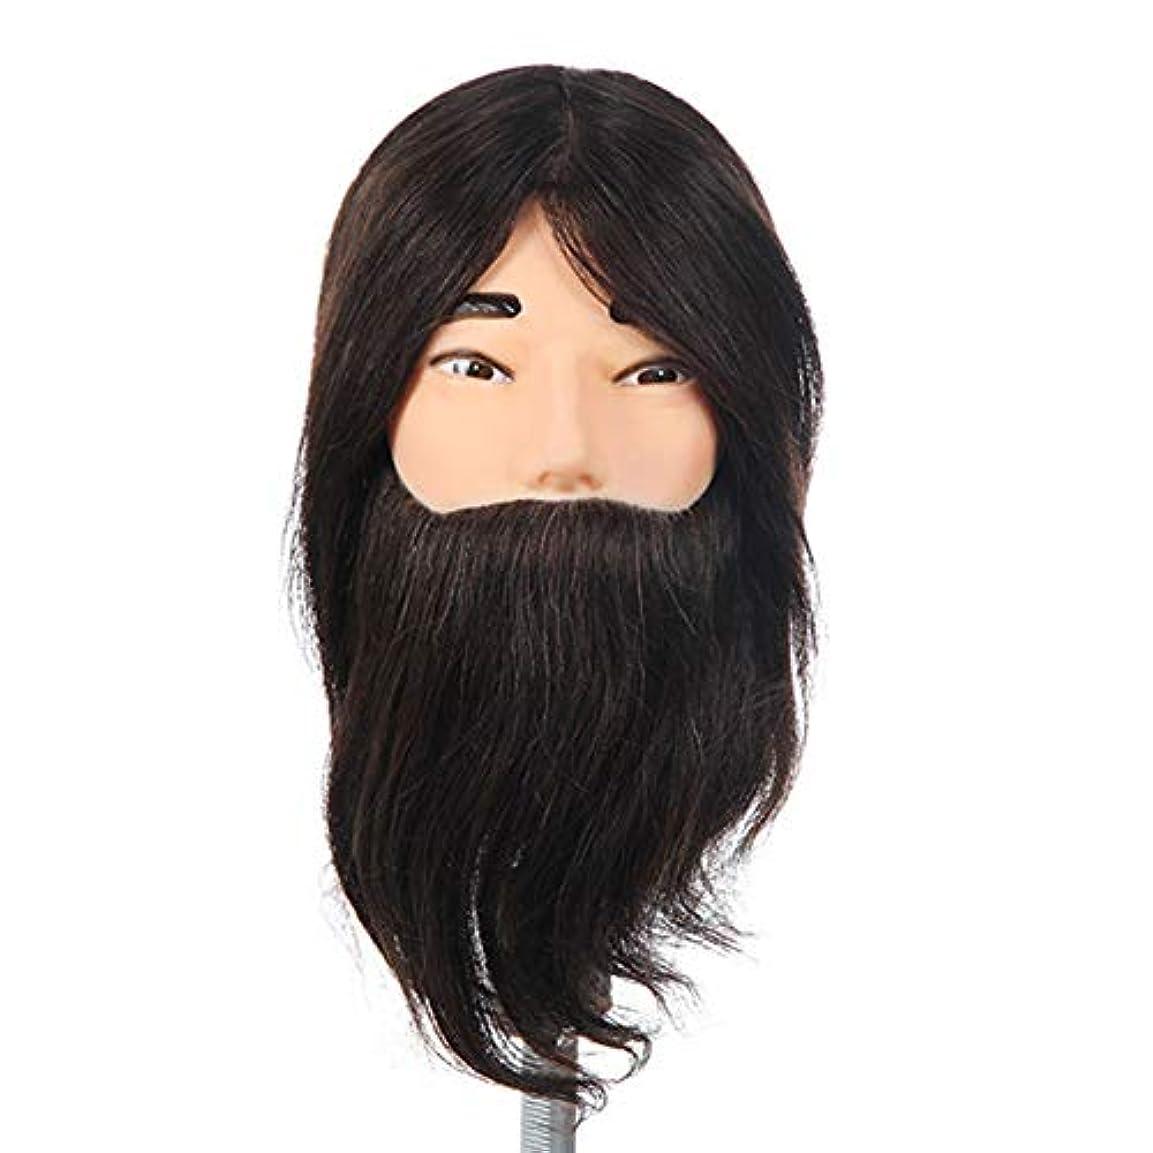 禁じる悪夢マッシュリアルヘア練習ヘッドモデルヘアサロントリミングパーマ染毛剤学習ダミーヘッドひげを生やした男性化粧マネキンヘッド